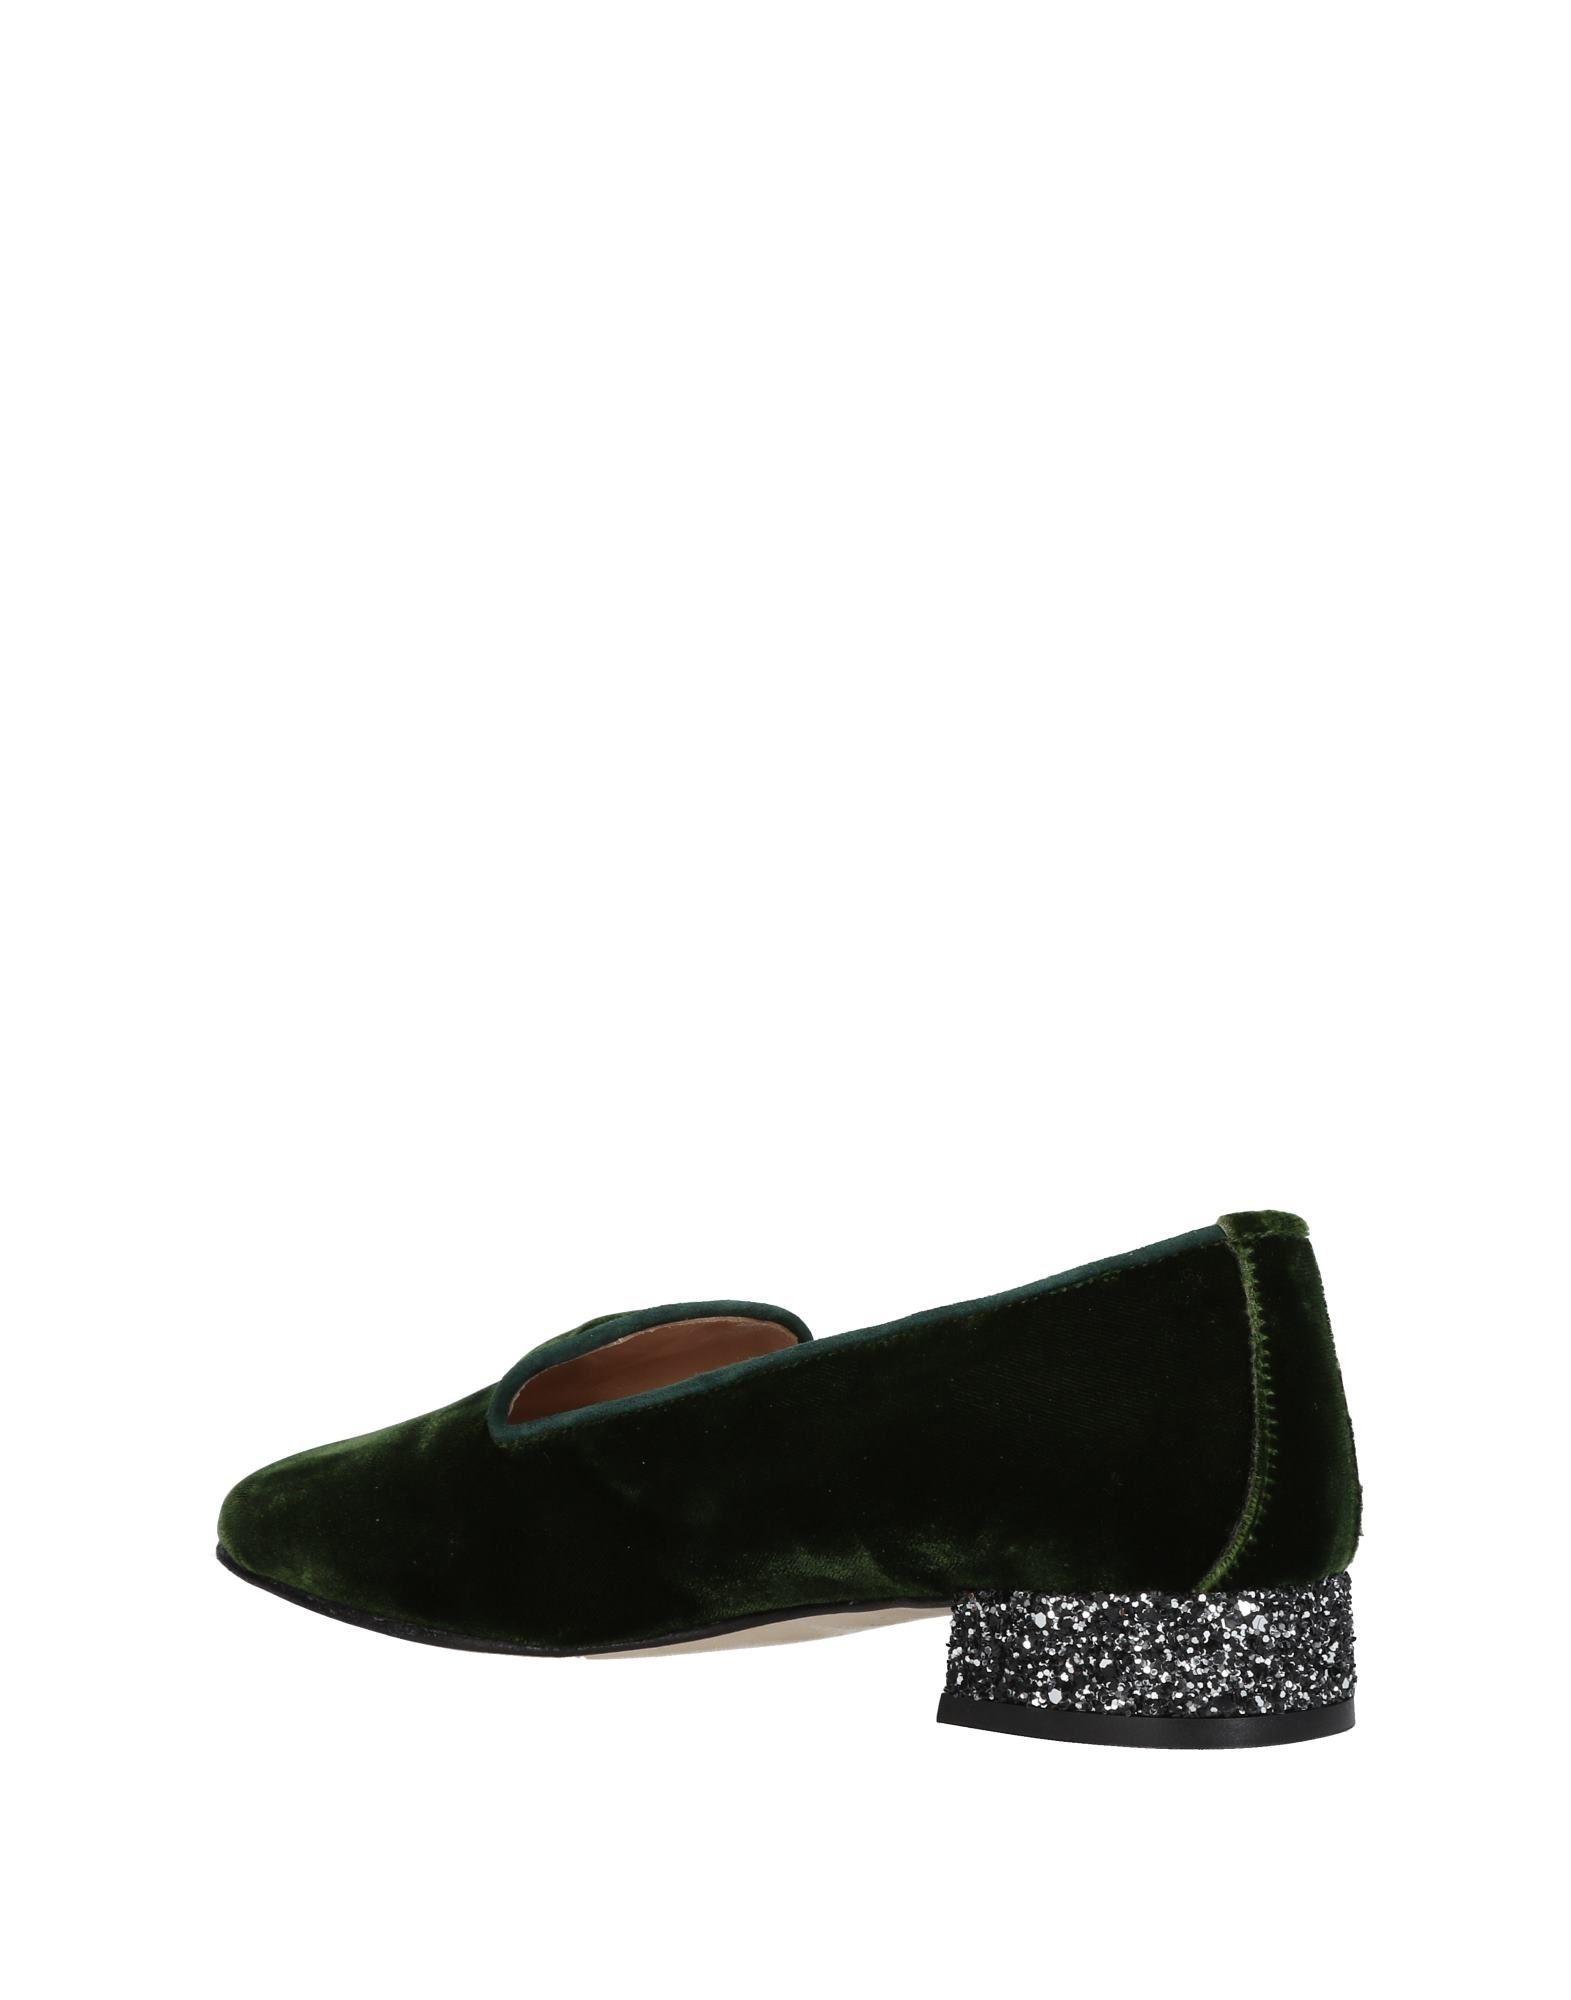 Cristina Millotti Mokassins Damen  Gute 11458117MD Gute  Qualität beliebte Schuhe e8c95d